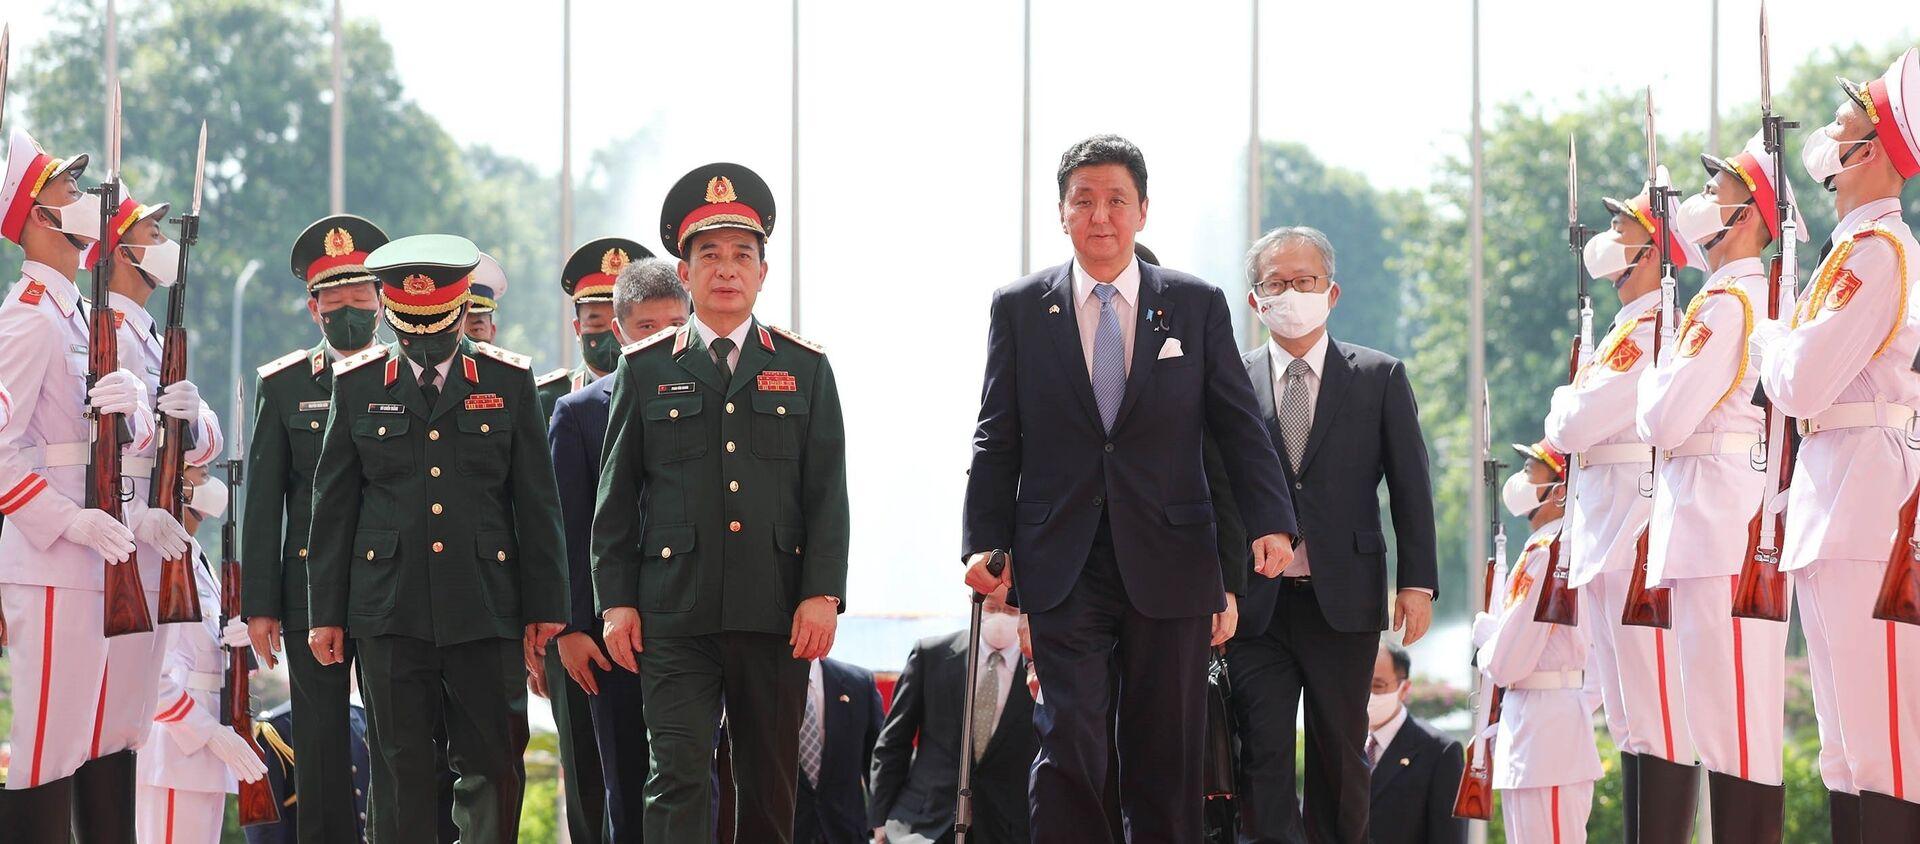 Đại tướng, Bộ trưởng Quốc phòng Phan Văn Giang đón Bộ trưởng Quốc phòng Nhật Bản Kishi Nobuo. - Sputnik Việt Nam, 1920, 12.09.2021